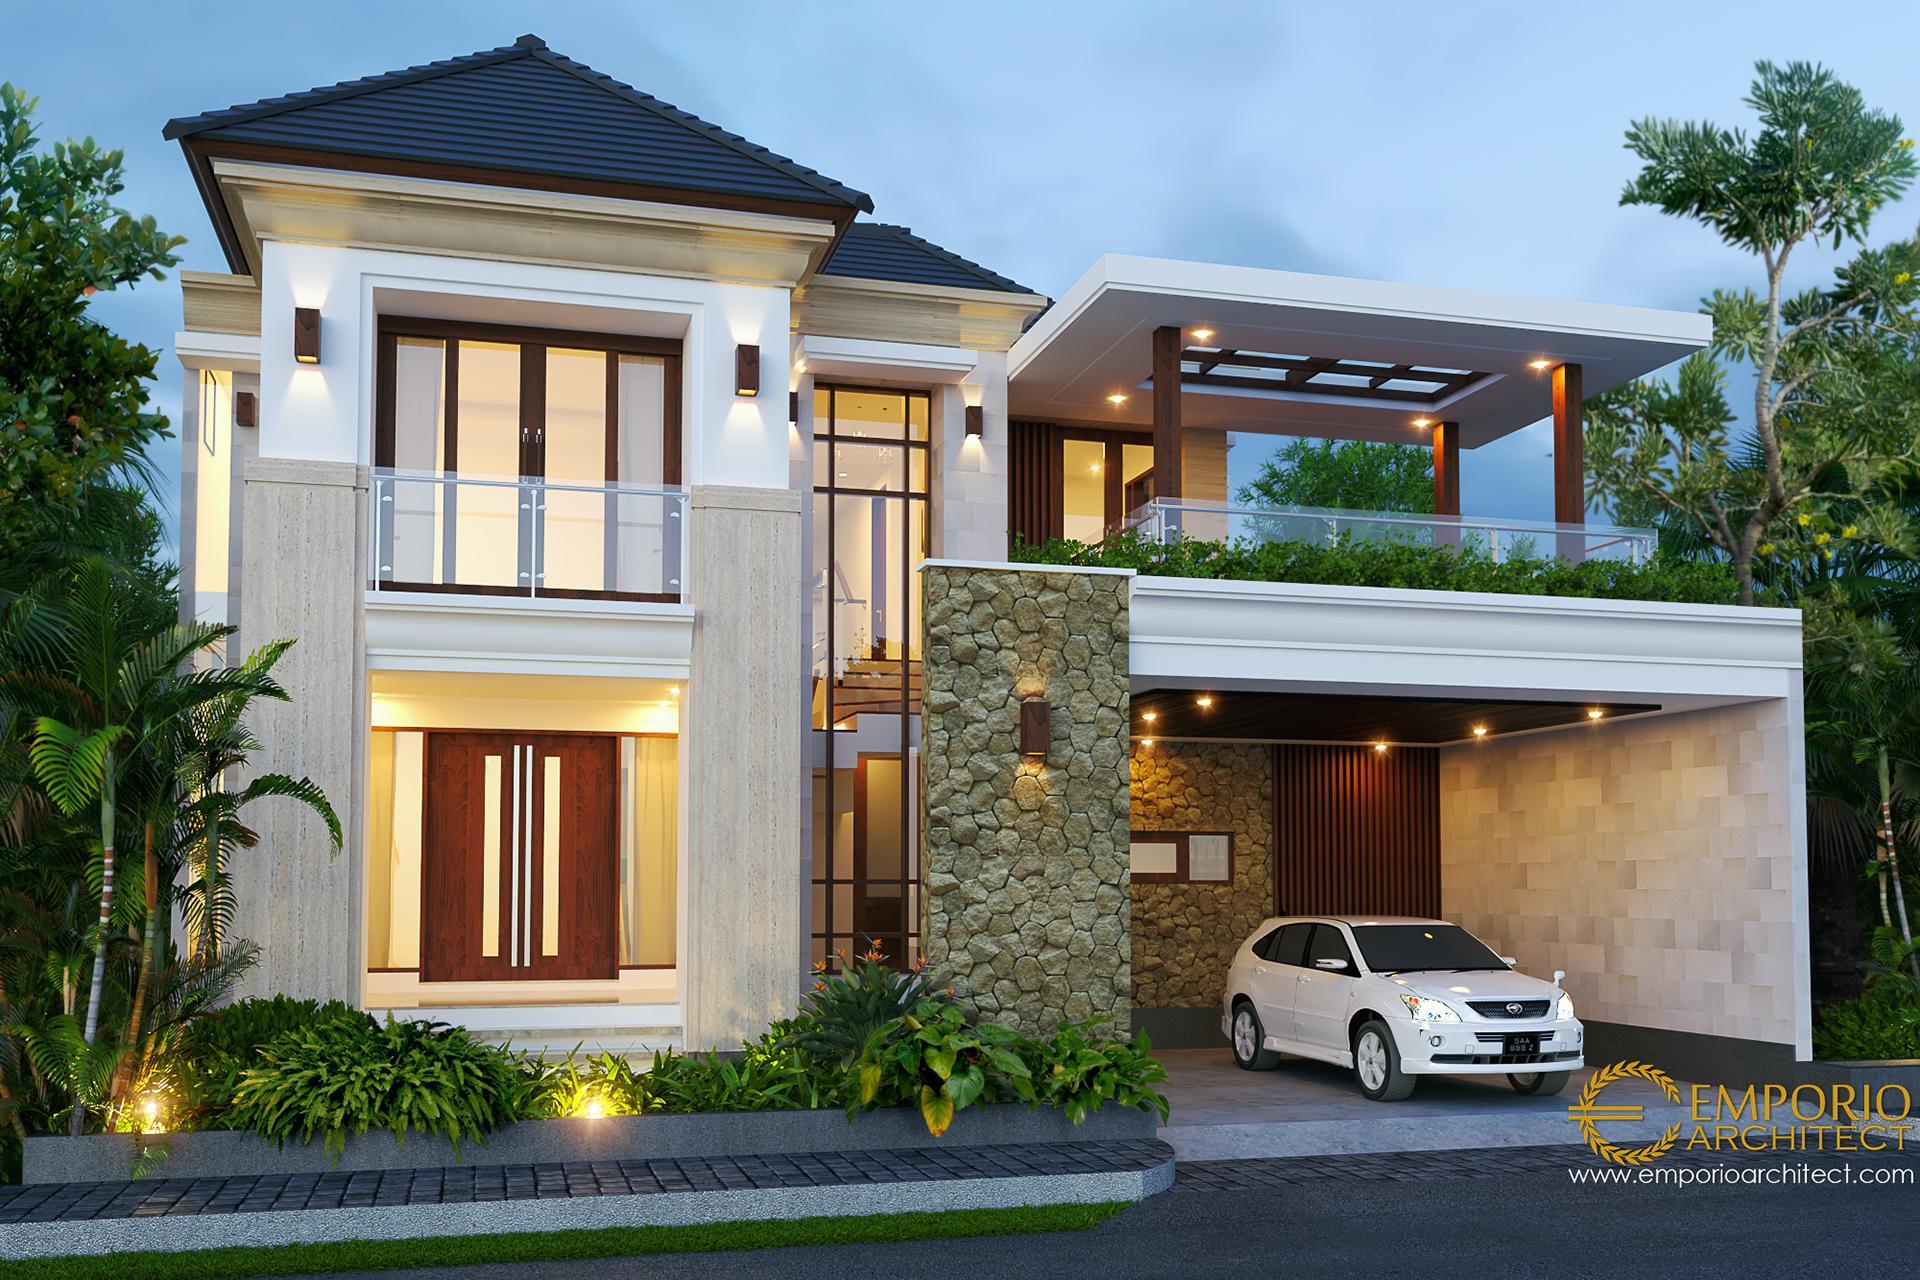 Desain Rumah Villa Bali 2 Lantai Bapak Hasyim di  Singaraja, Bali